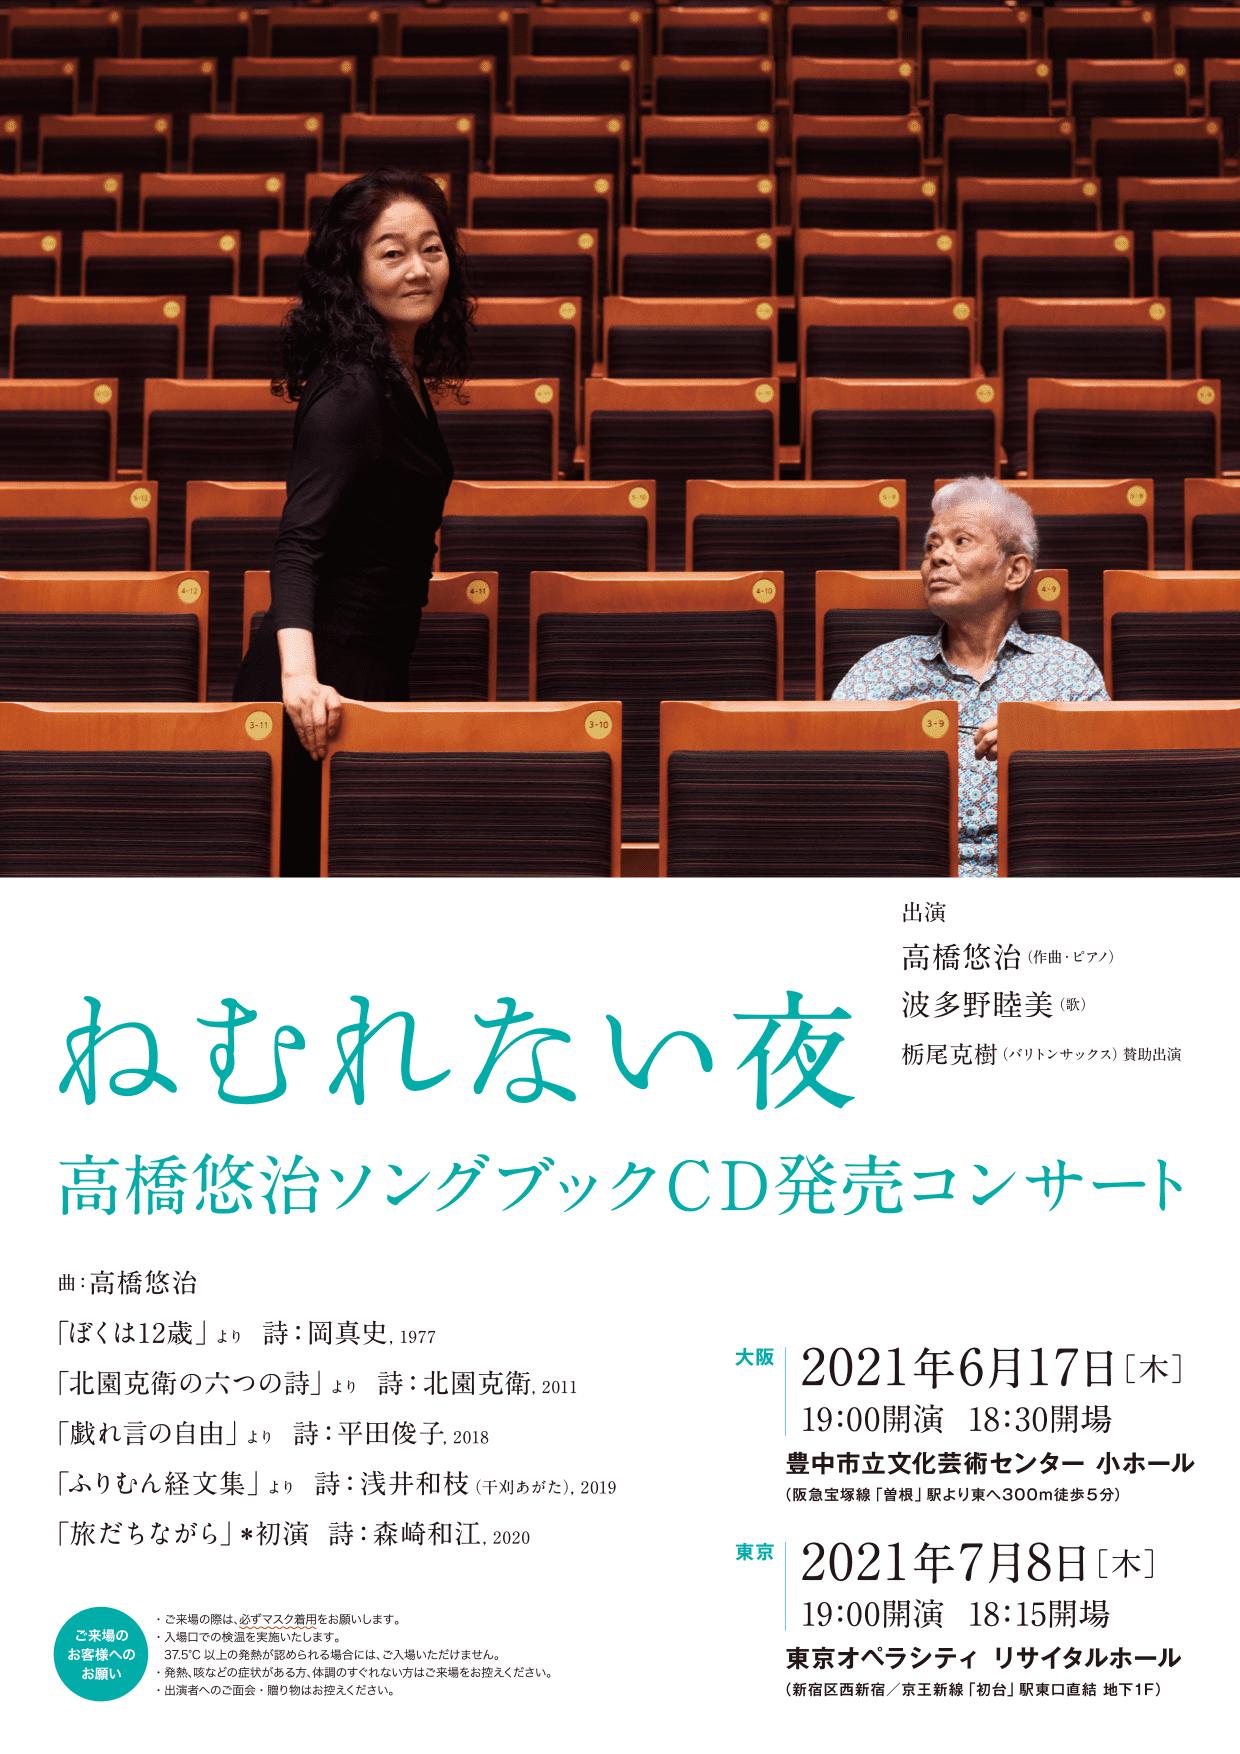 高橋悠治・波多野睦美「ねむれない夜」東京公演チケット発売開始